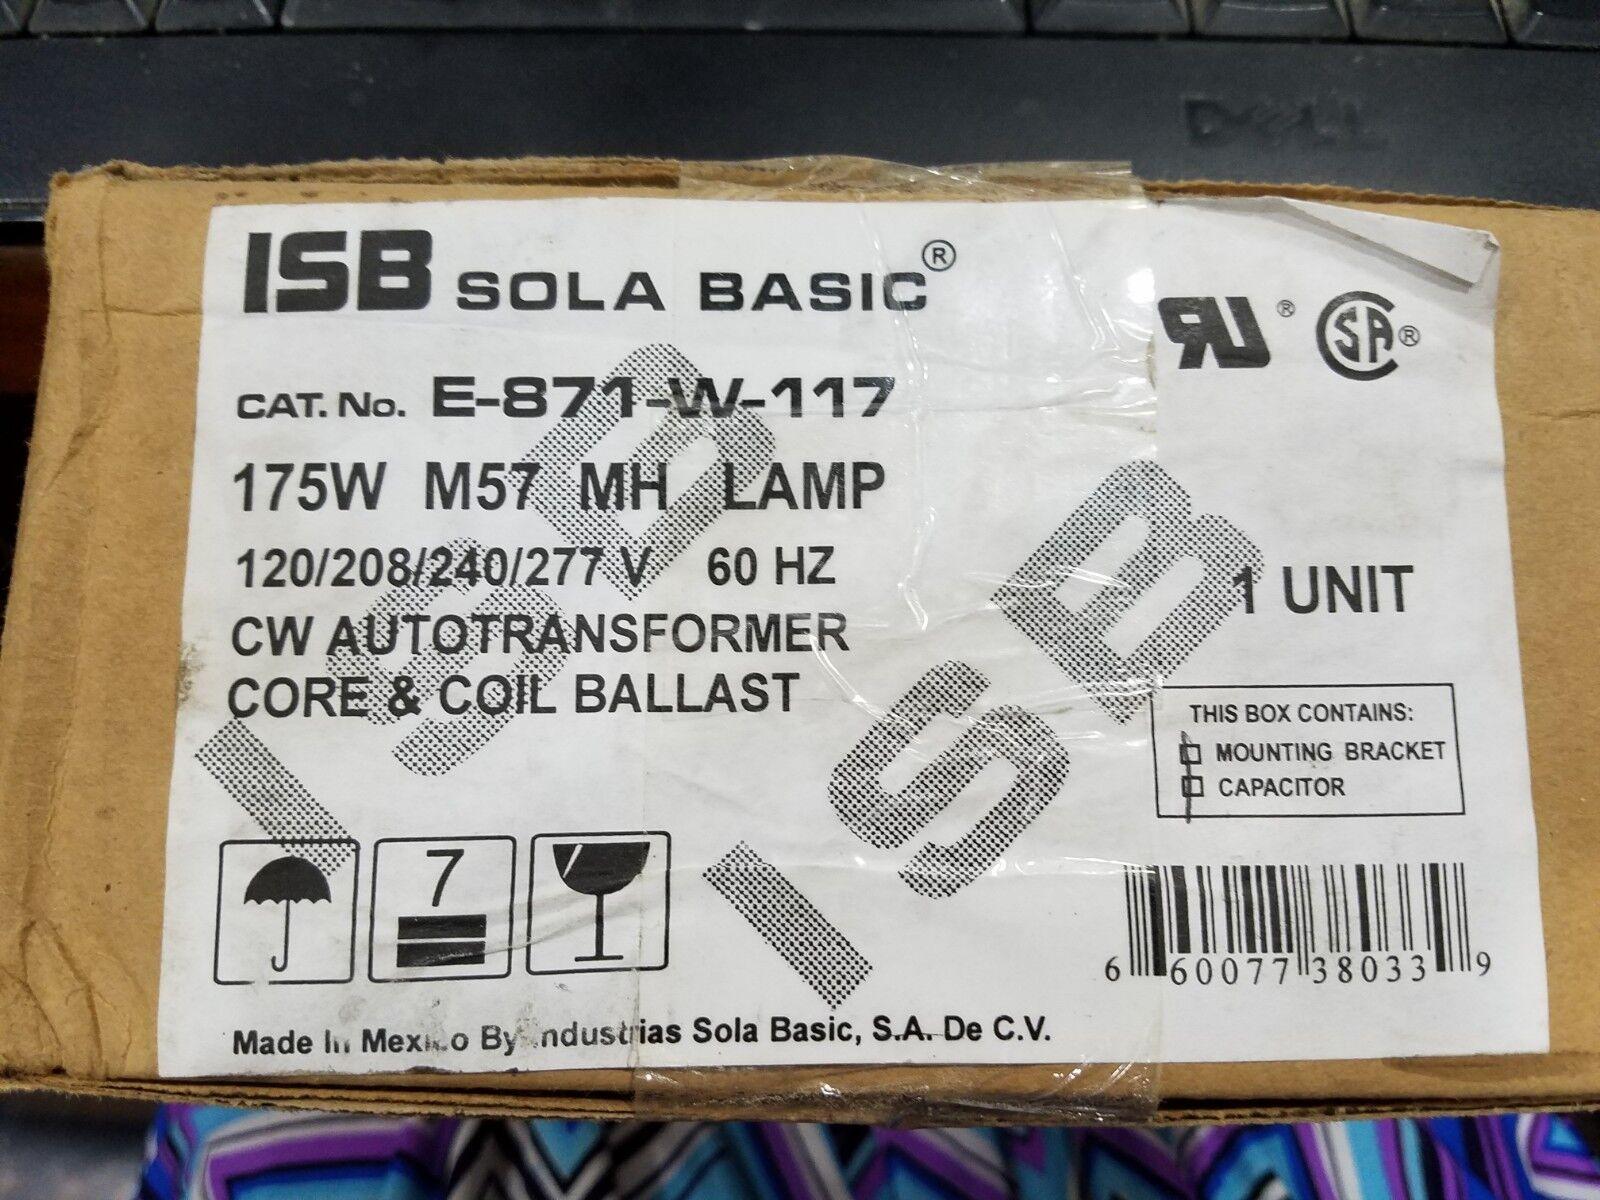 ISB SOLA BASIC E-871-W-117, CW Autotransformer, Core & Coil Ballast,